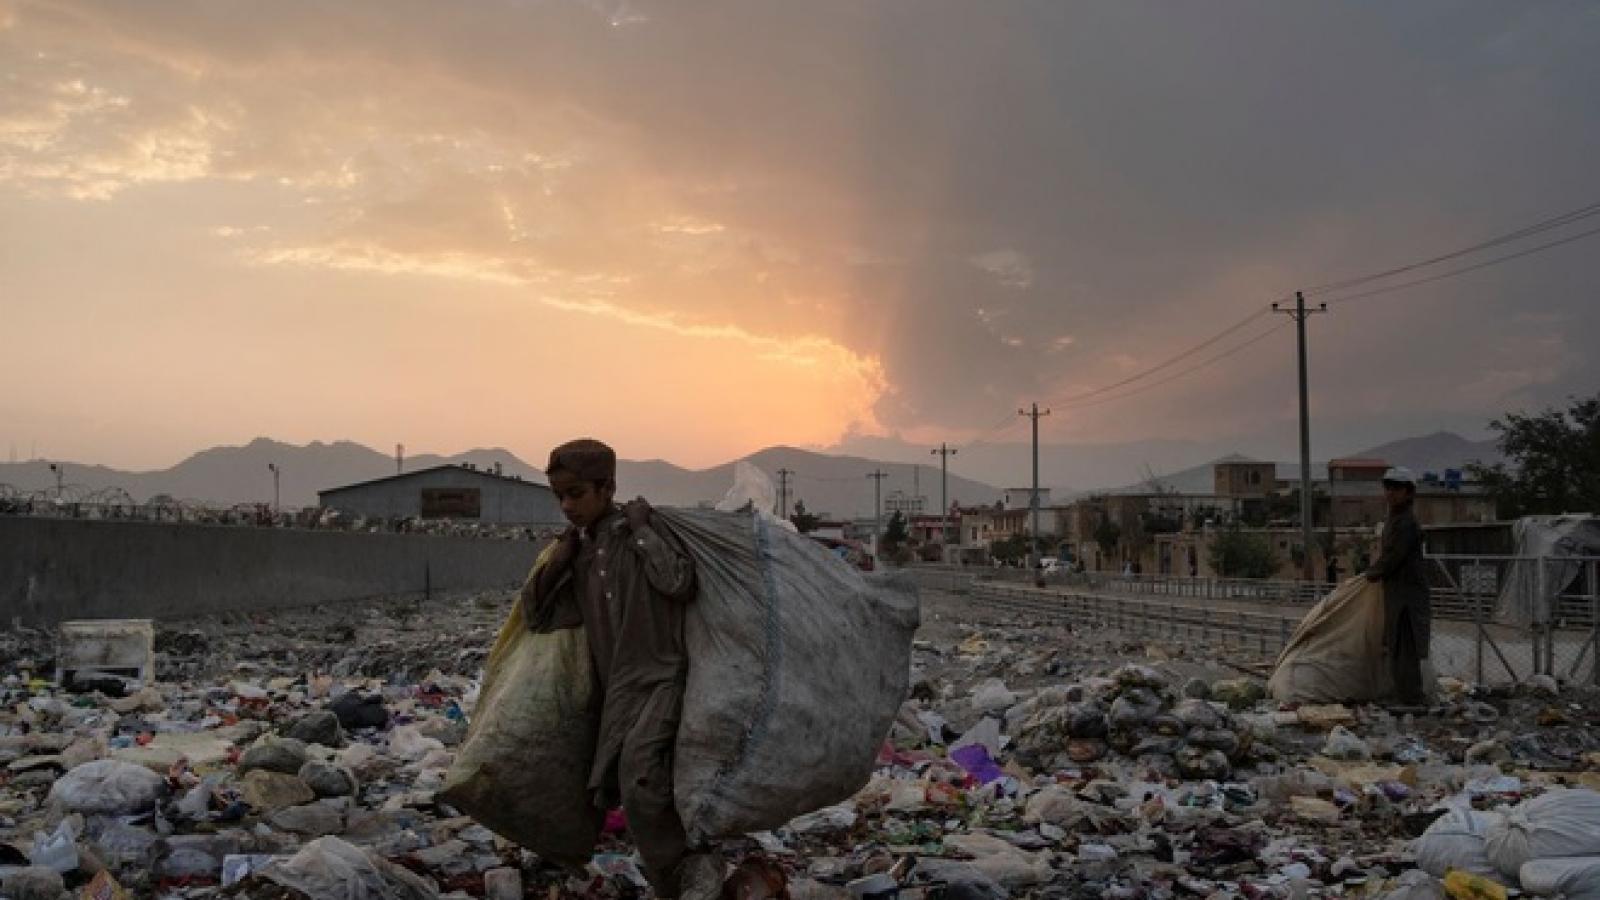 Rơi vào cảnh khốn cùng, nhiều gia đình tại Afghanistan phải bán con trả nợ